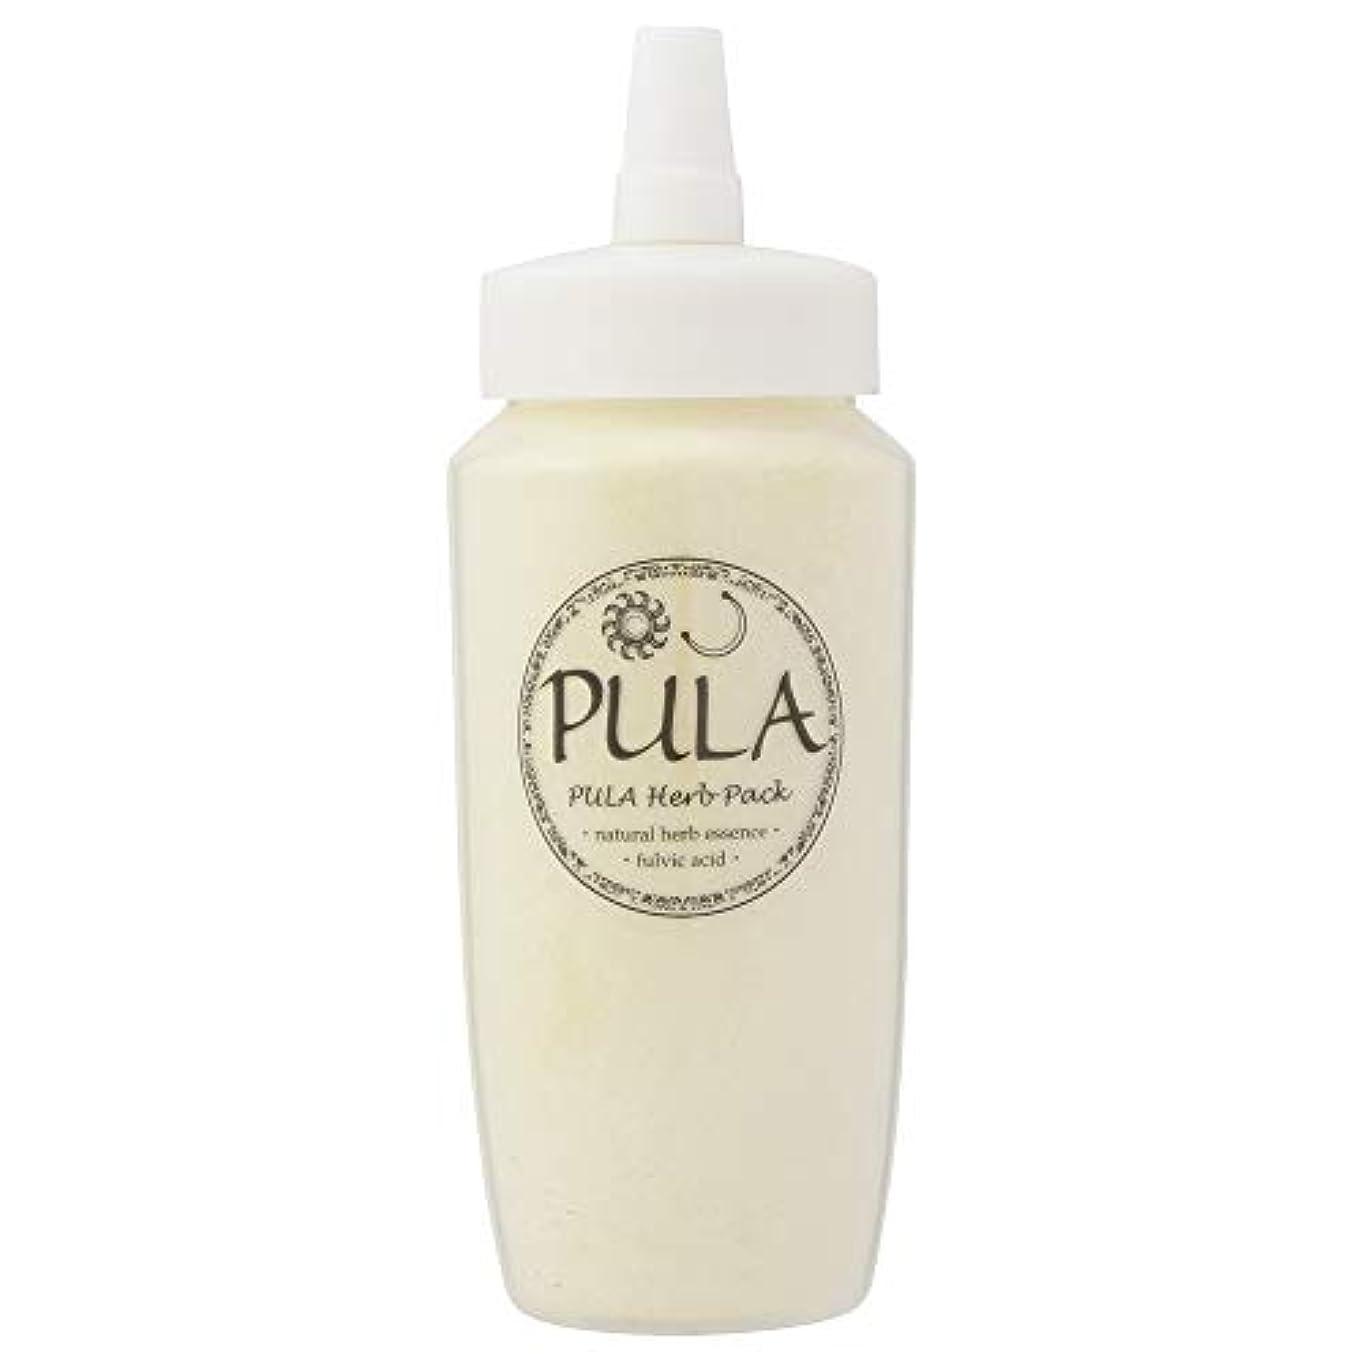 知覚する最後の状態プーラ ハーブパック 200g (頭皮用パック)【ハーブ&フルボ酸】 ヘッドスパ専門店 PULA 100%自然由来配合